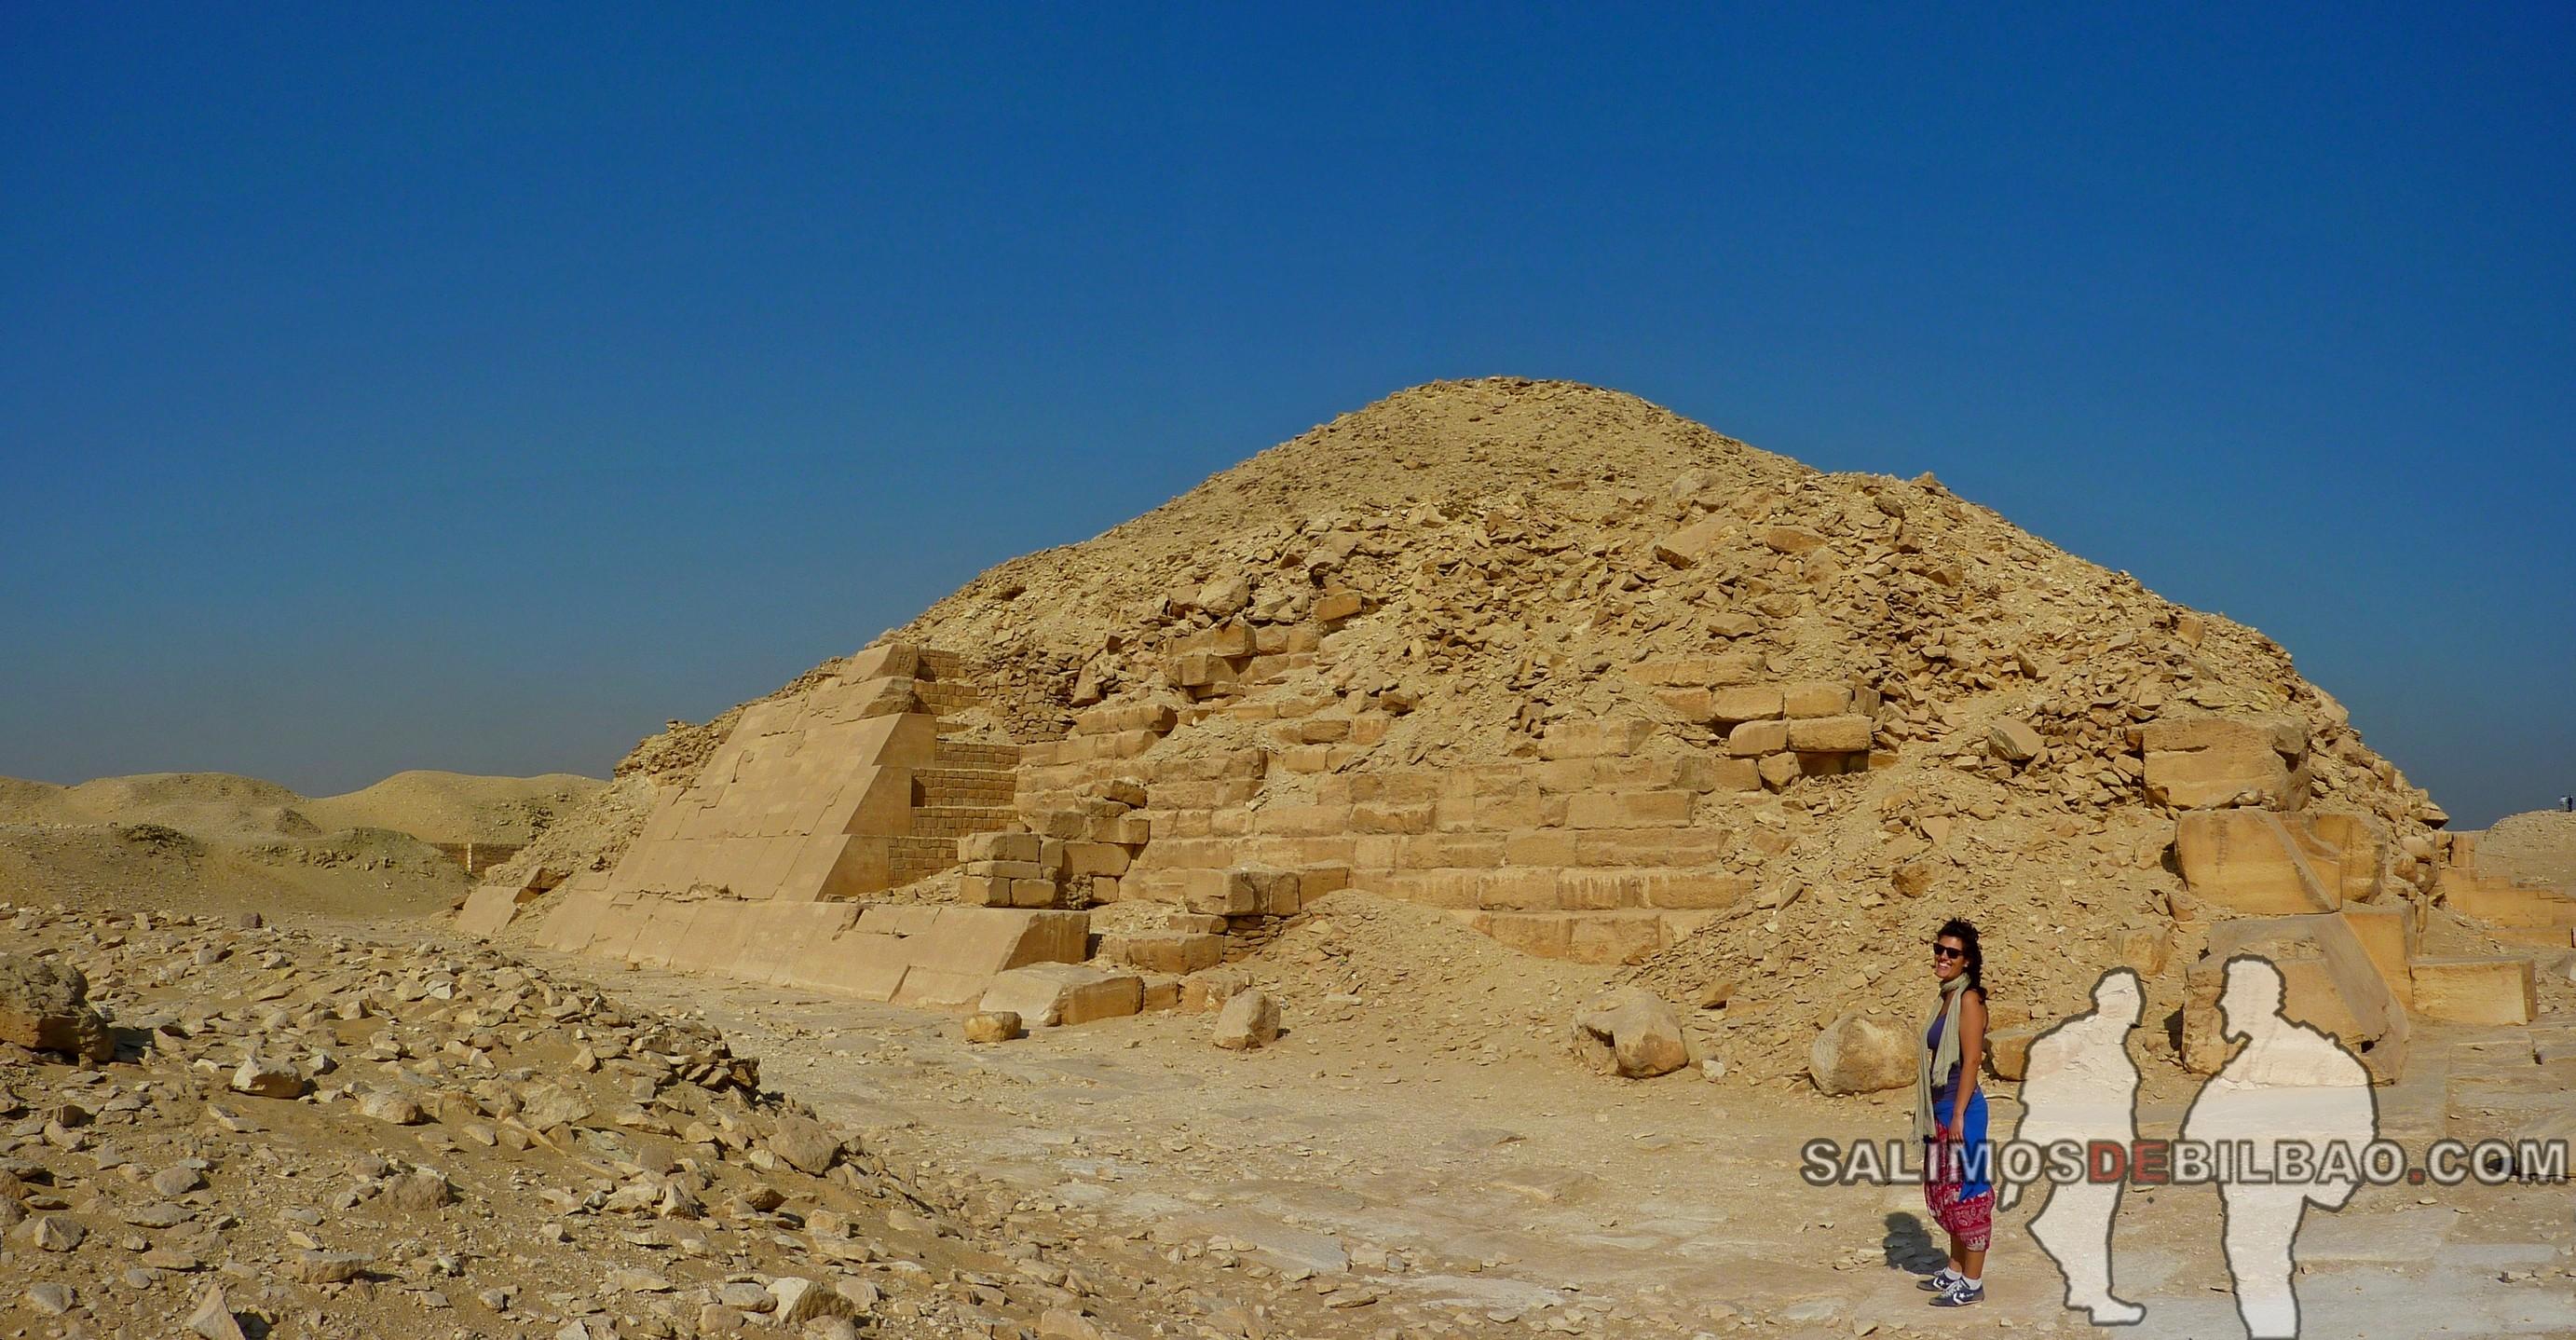 0316. Saioa, Pano, Pirámide en el Complejo de la Pirámide escalonada de Zoser, Saqqara